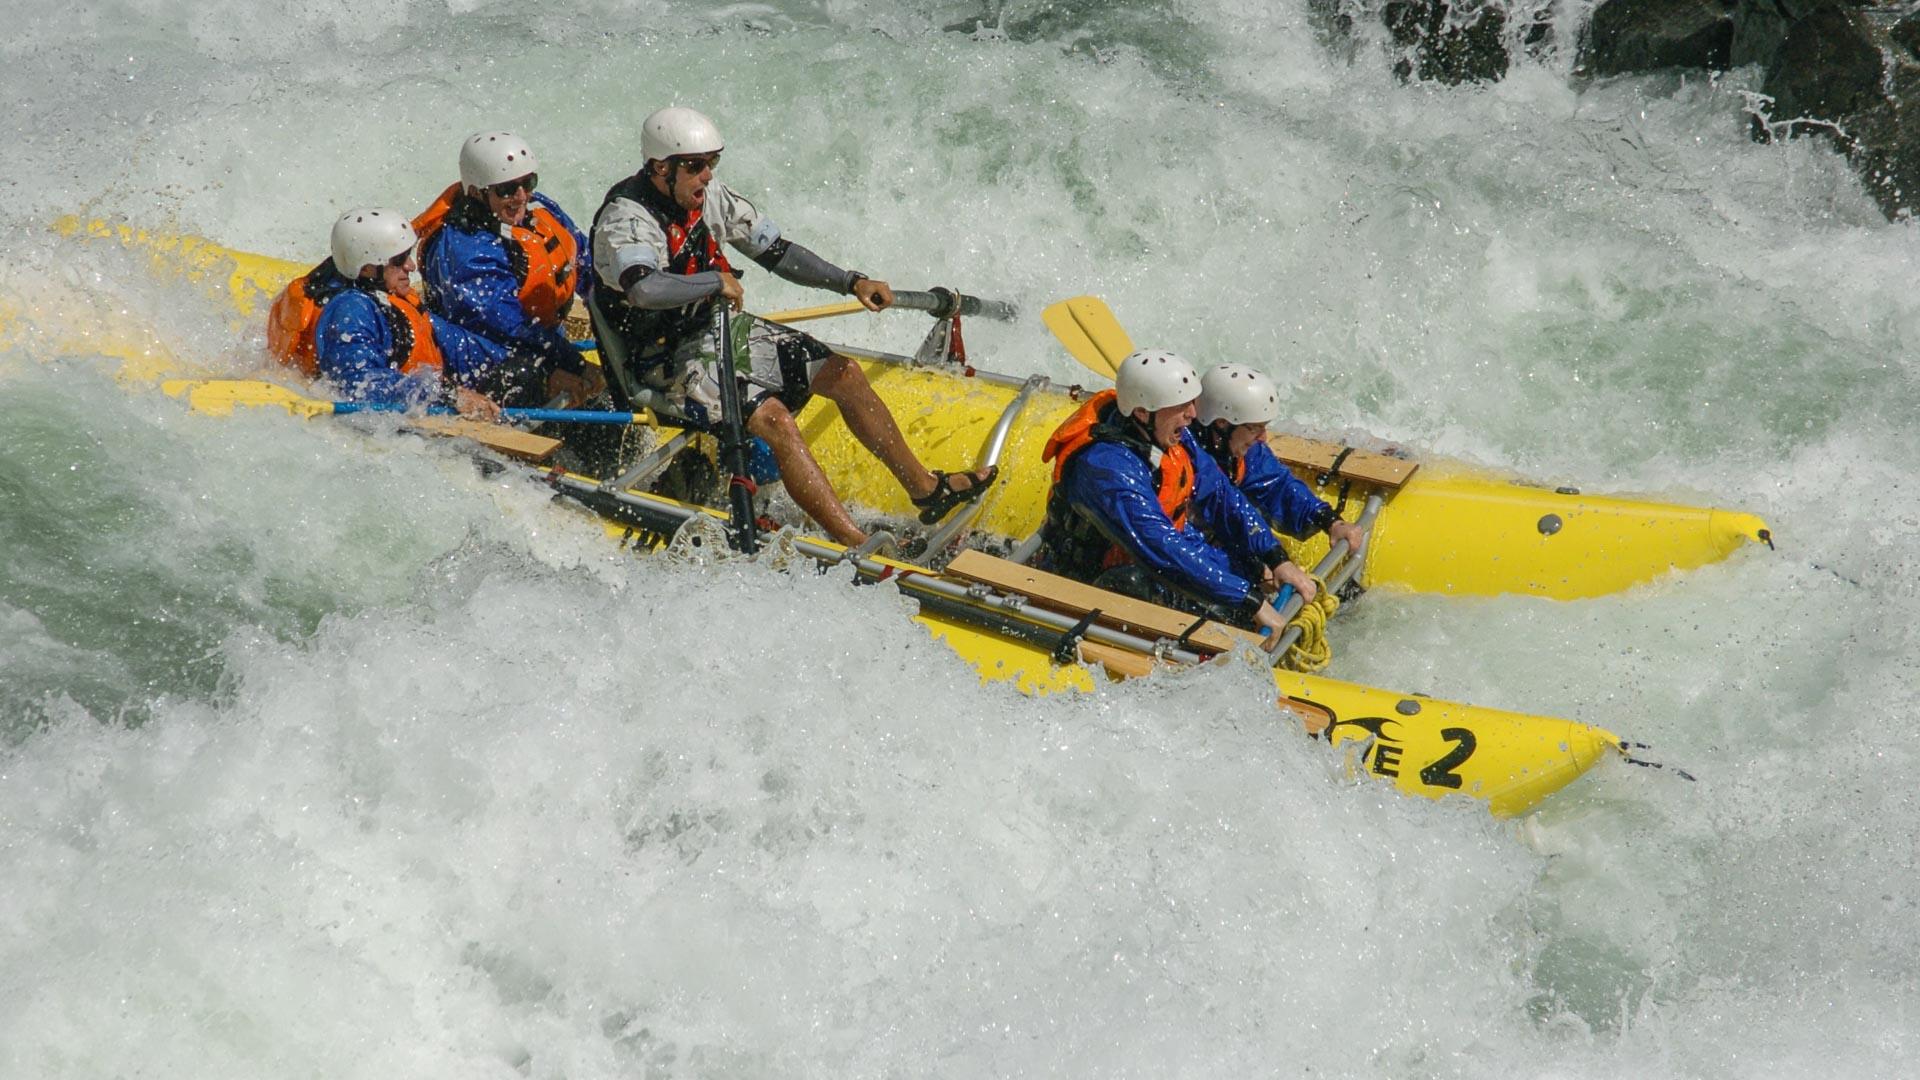 Rafting thrills in BC